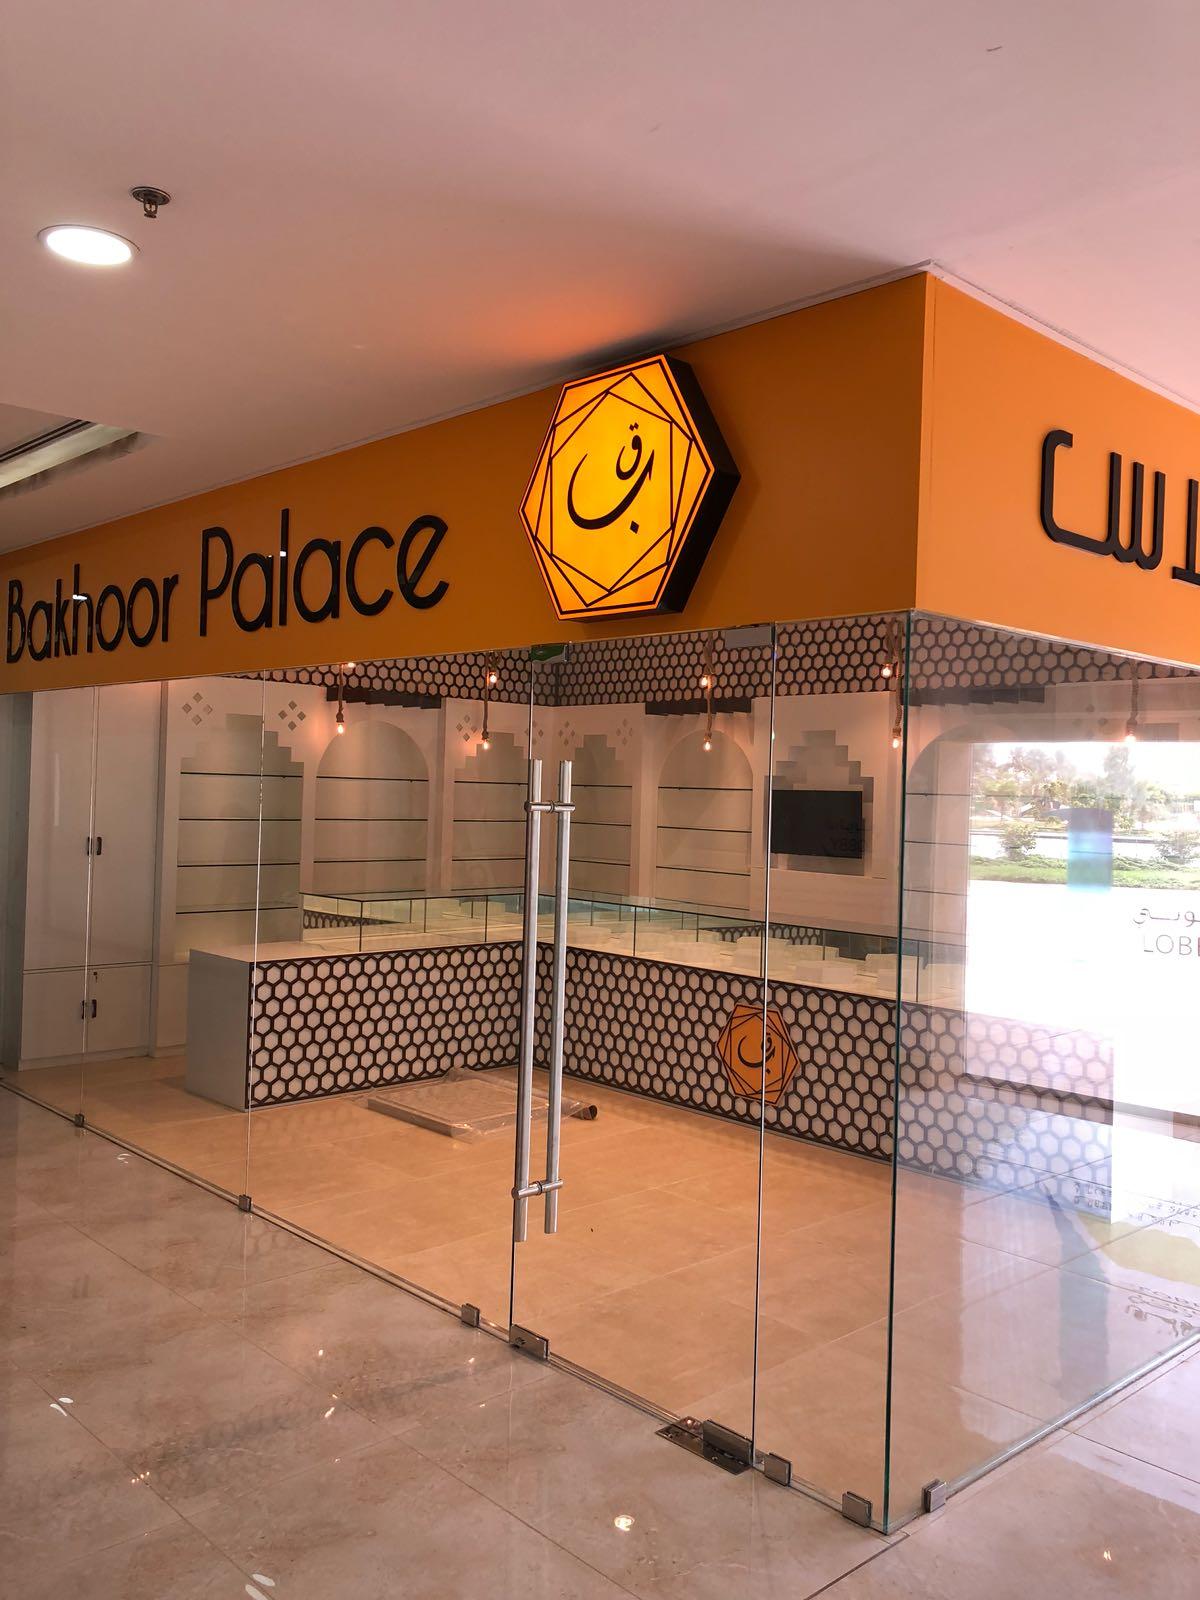 Bakhoor Palace